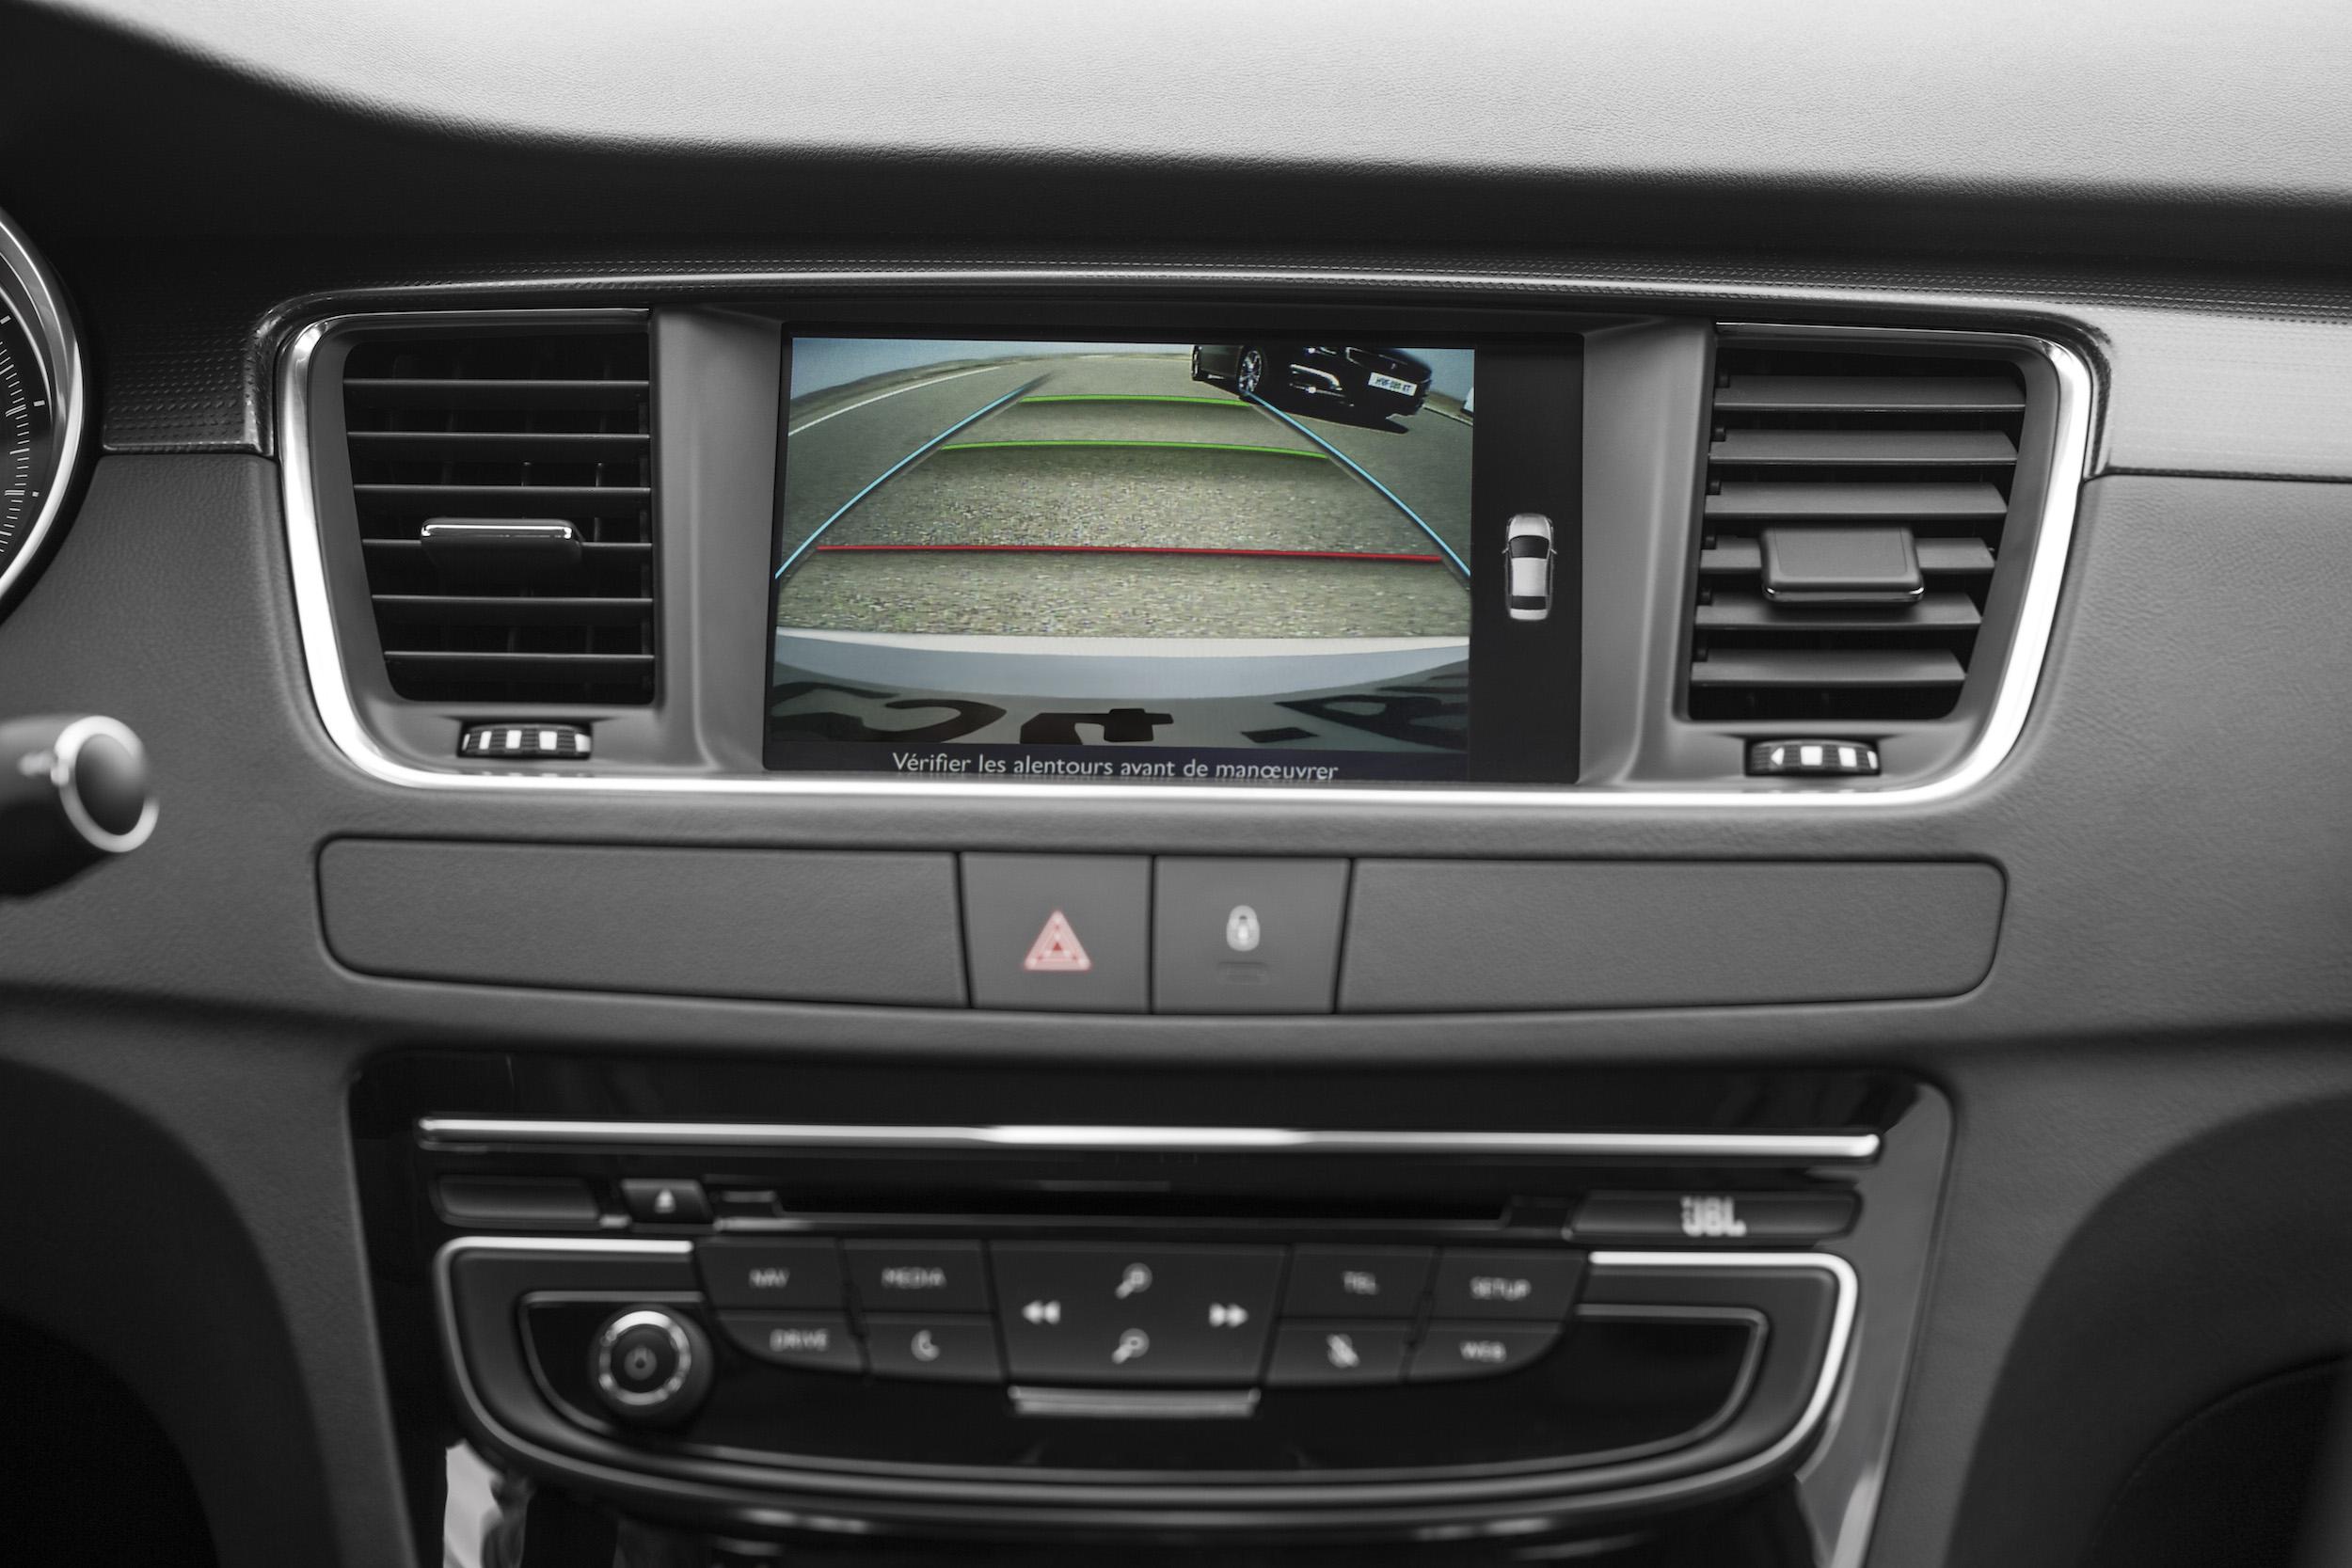 2015 Peugeot 508 Review Photos Caradvice